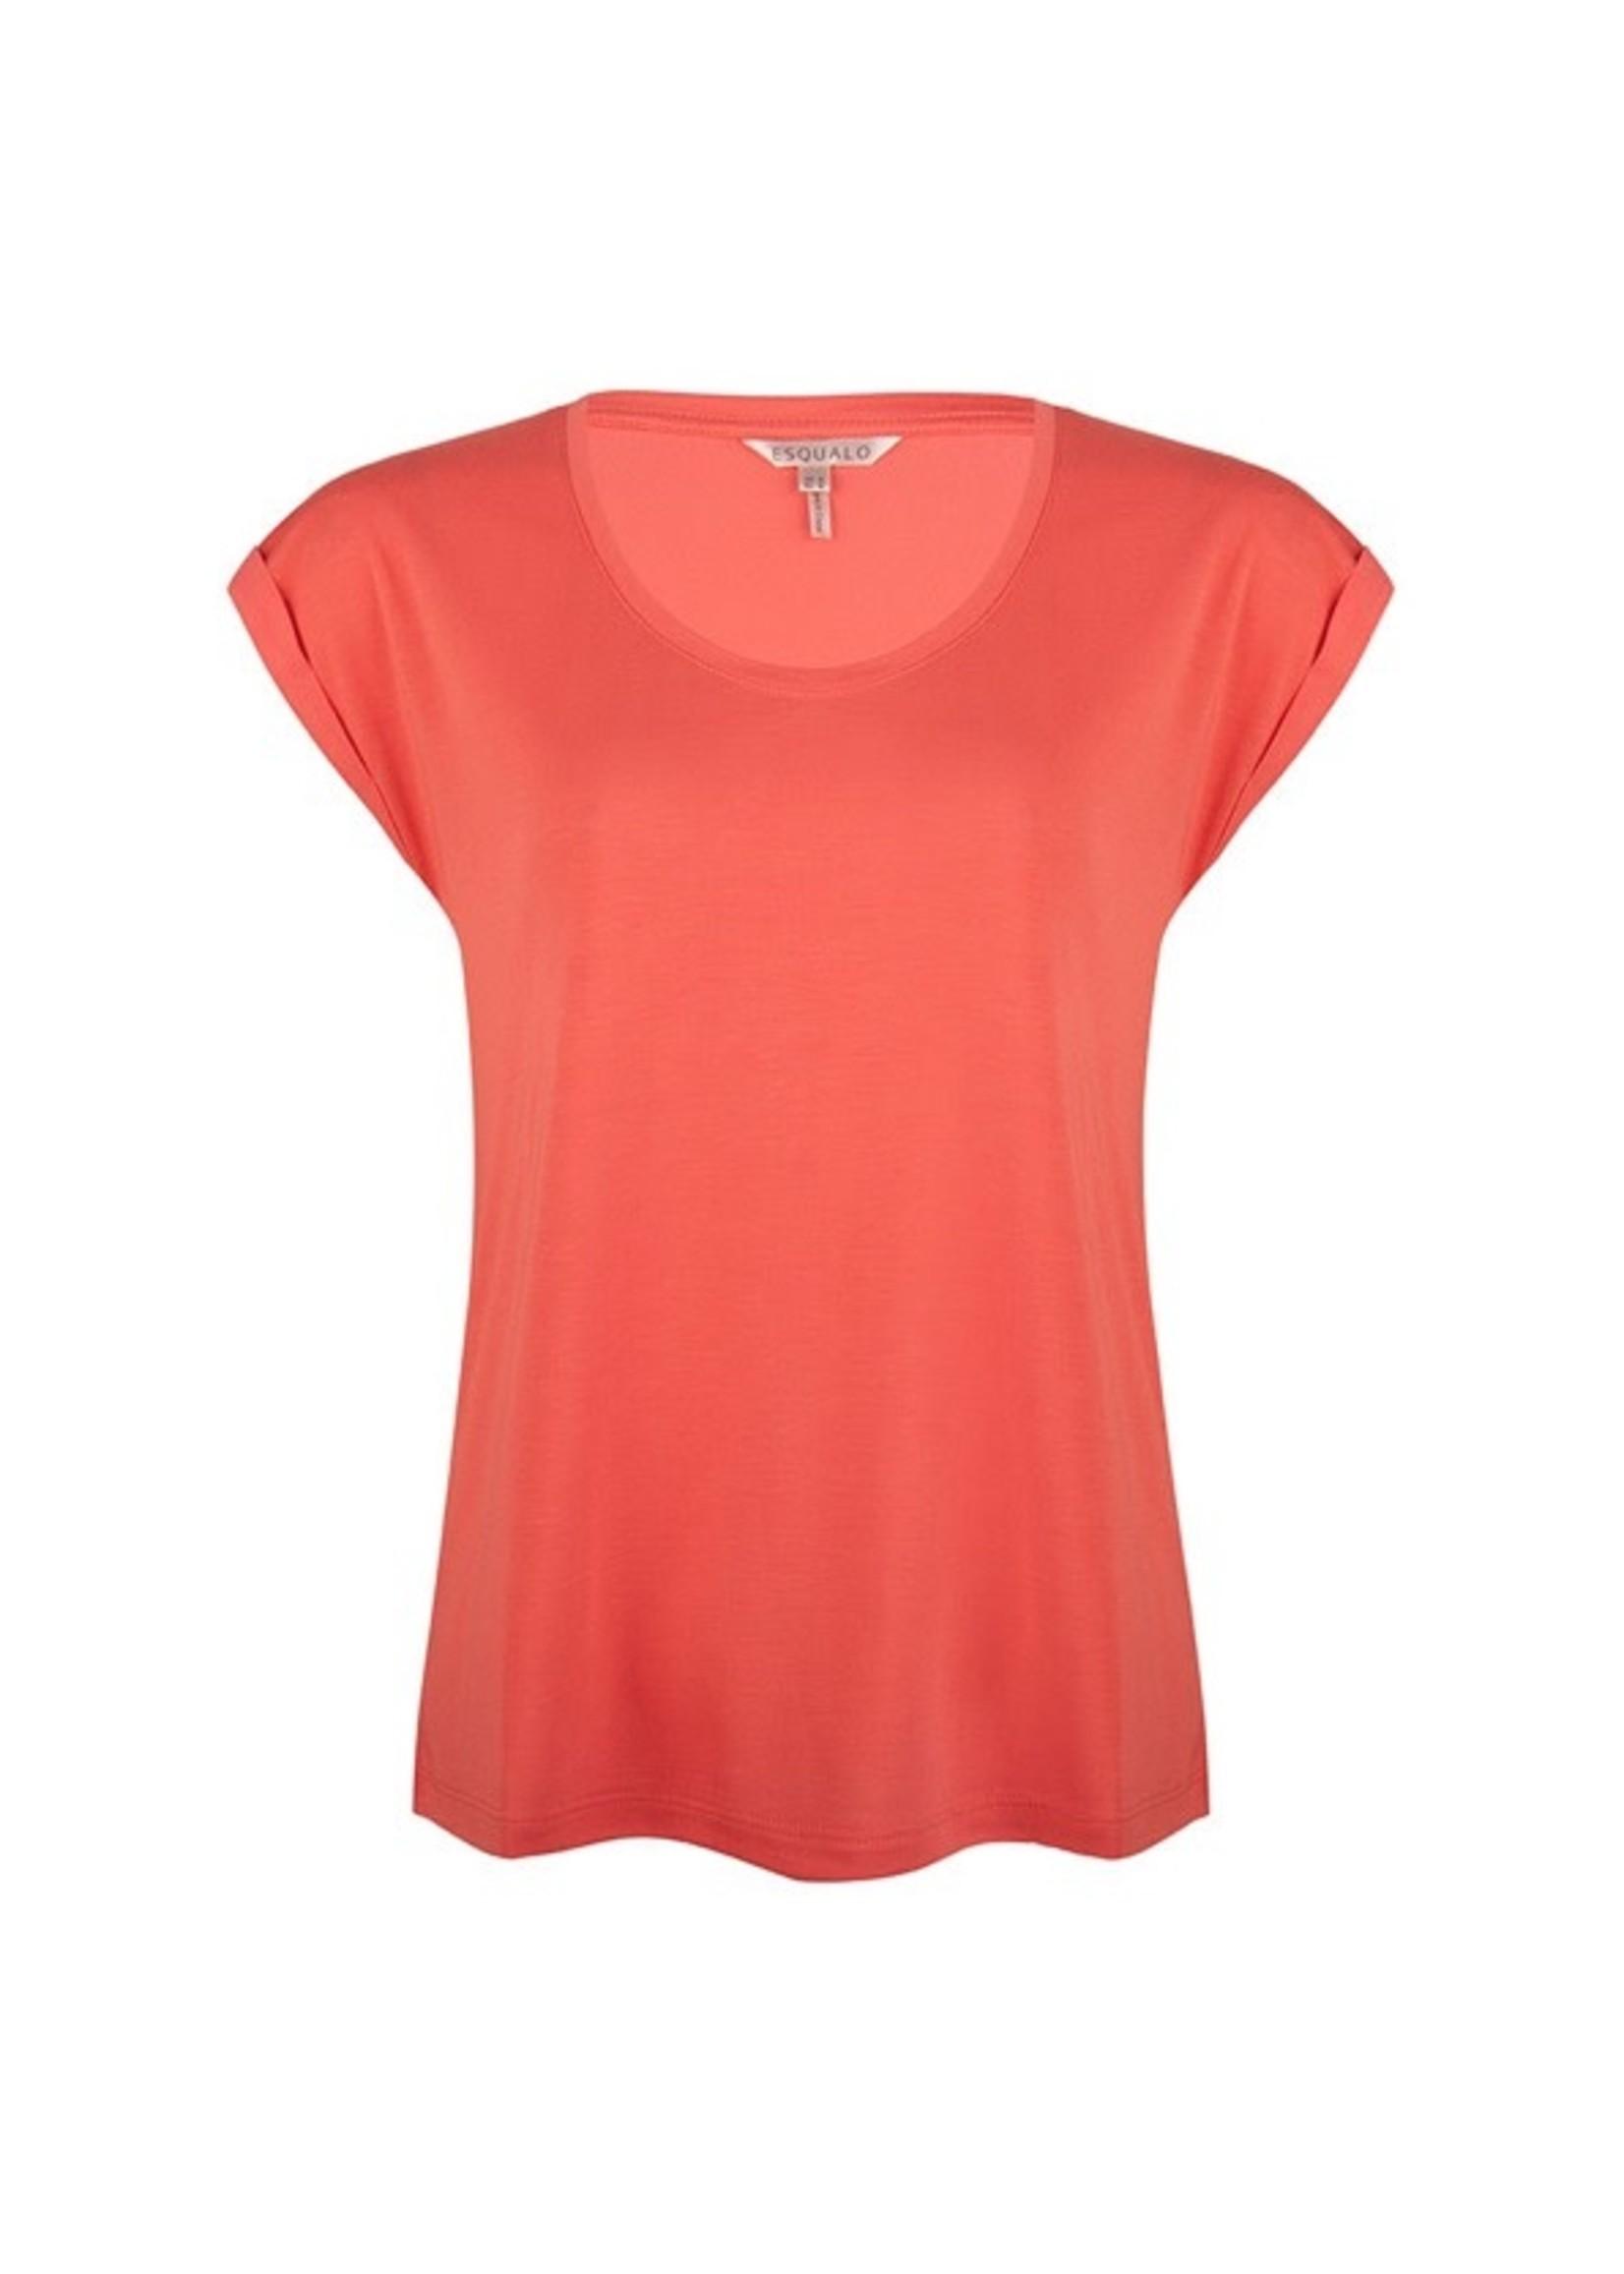 Esqualo T-shirt turn up sleeve